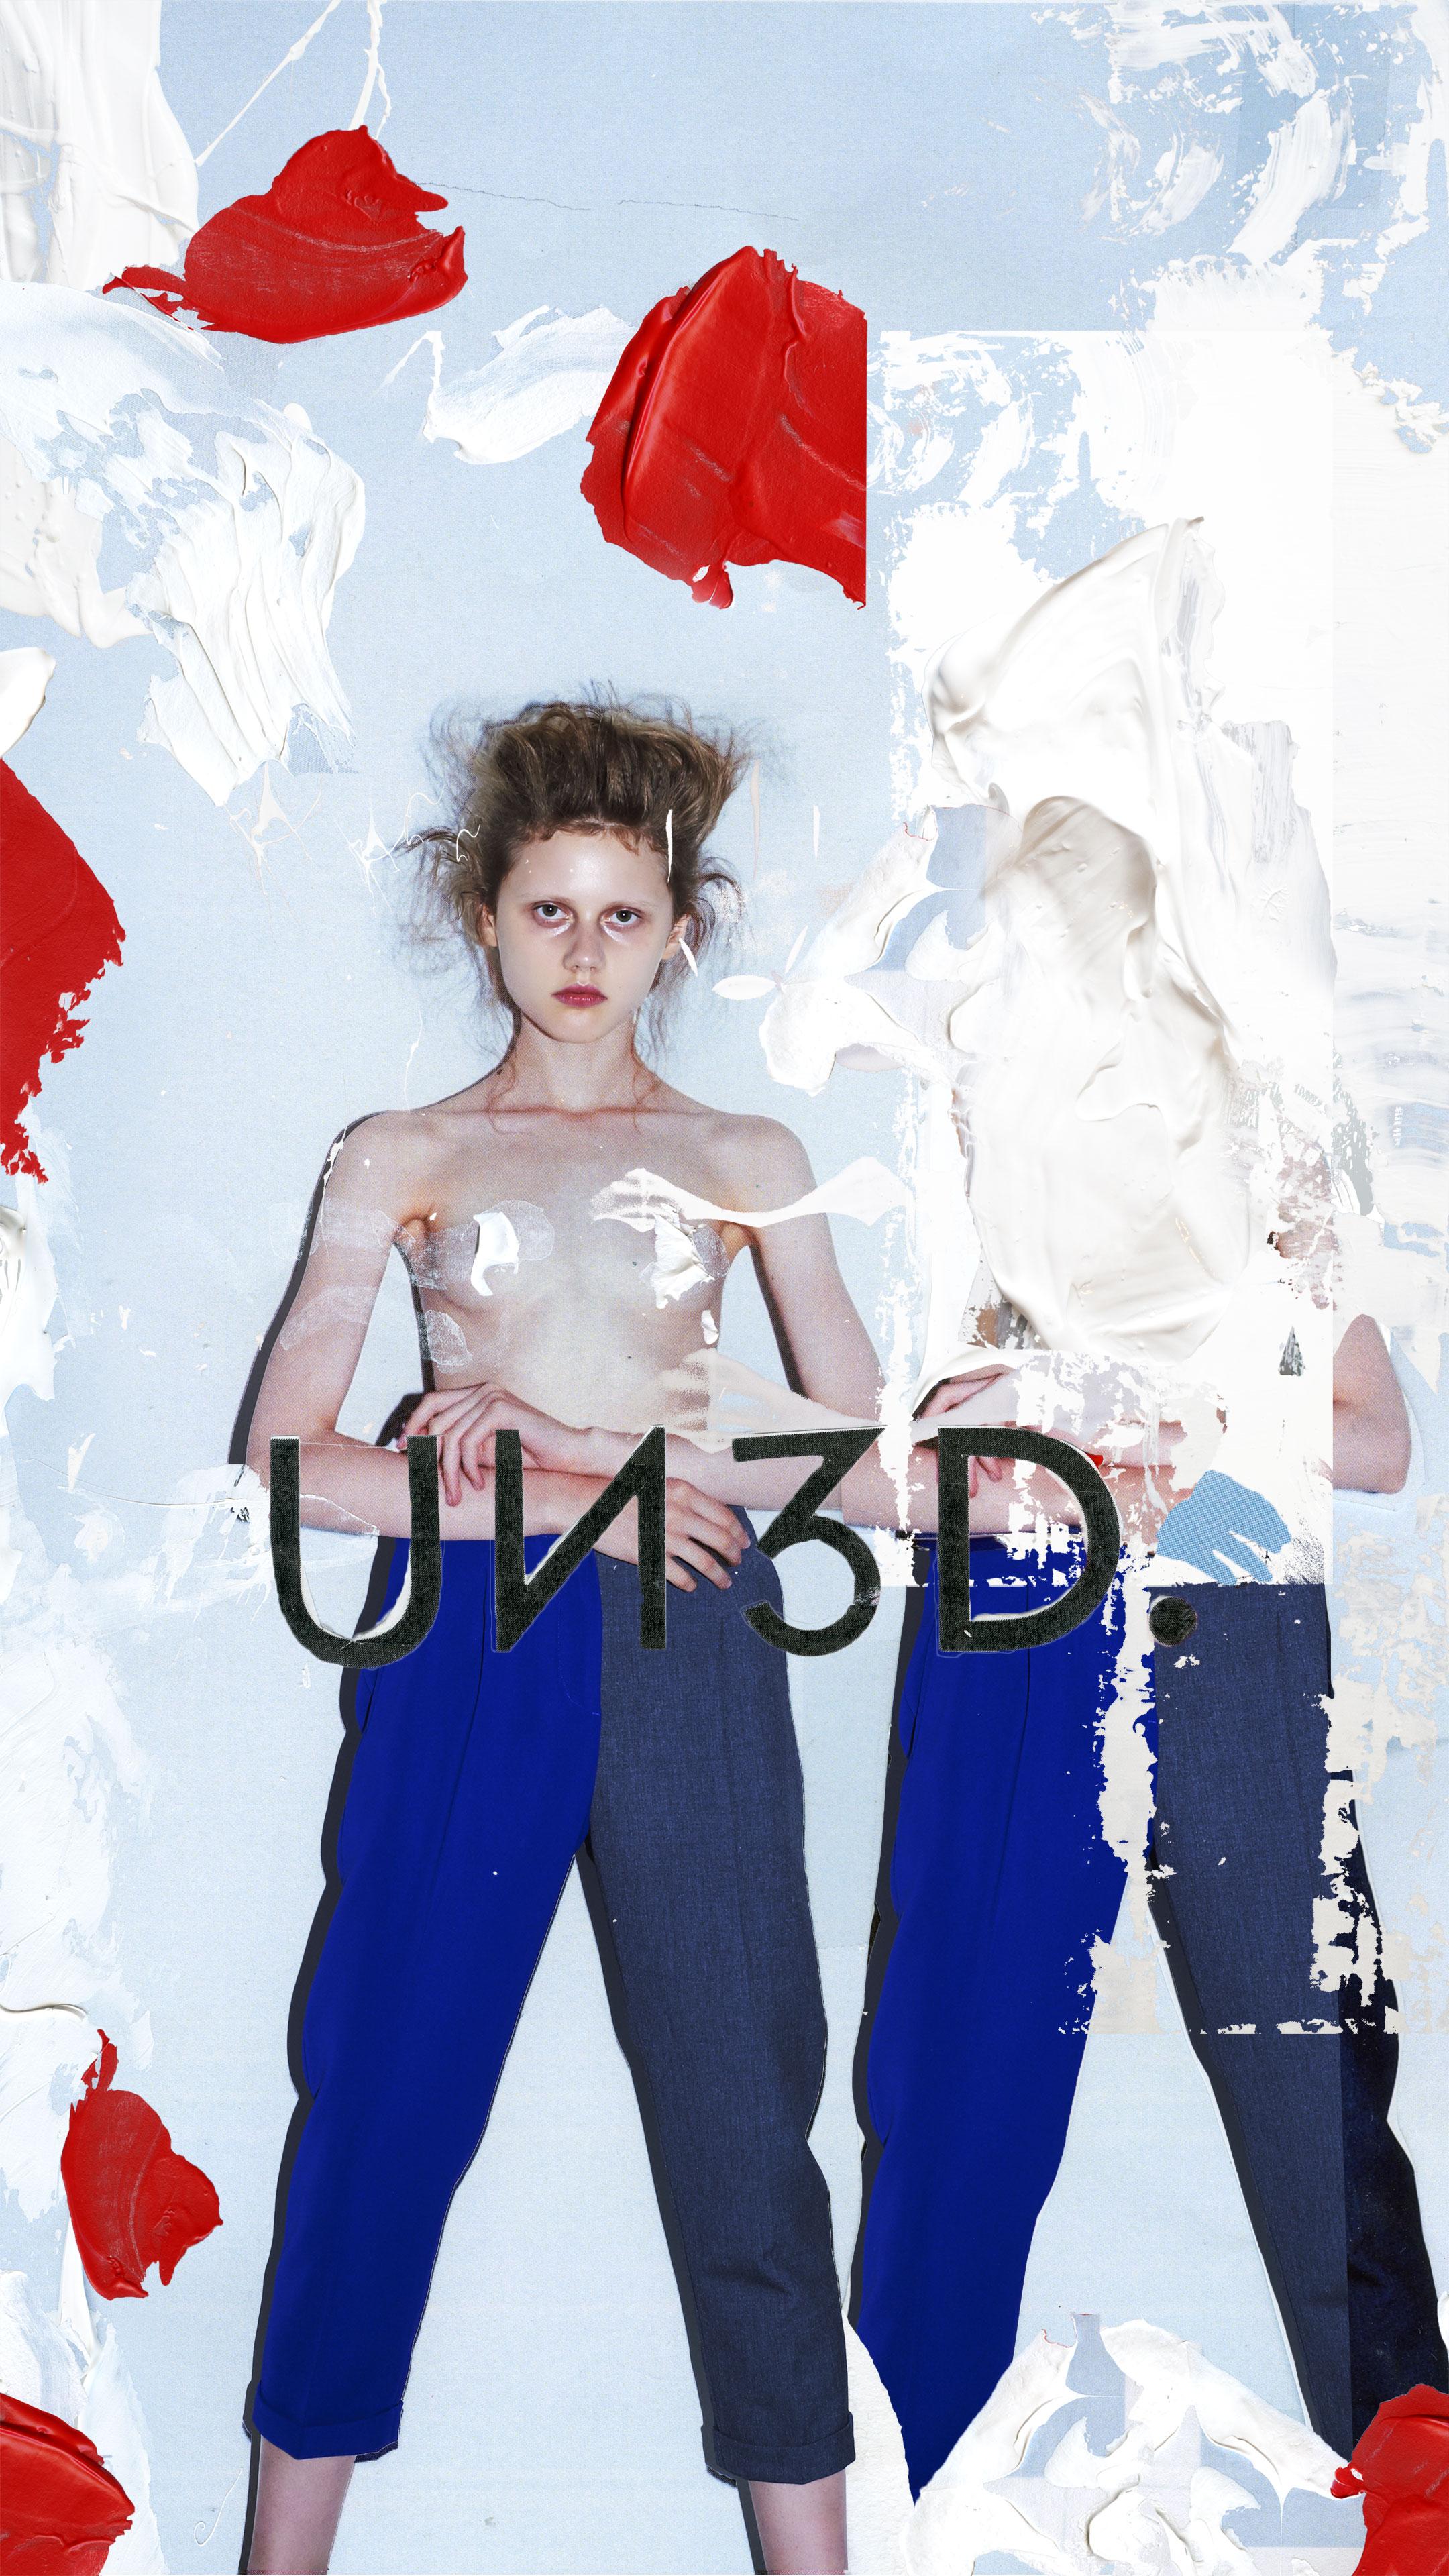 UN3D.Pants.IG.jpg